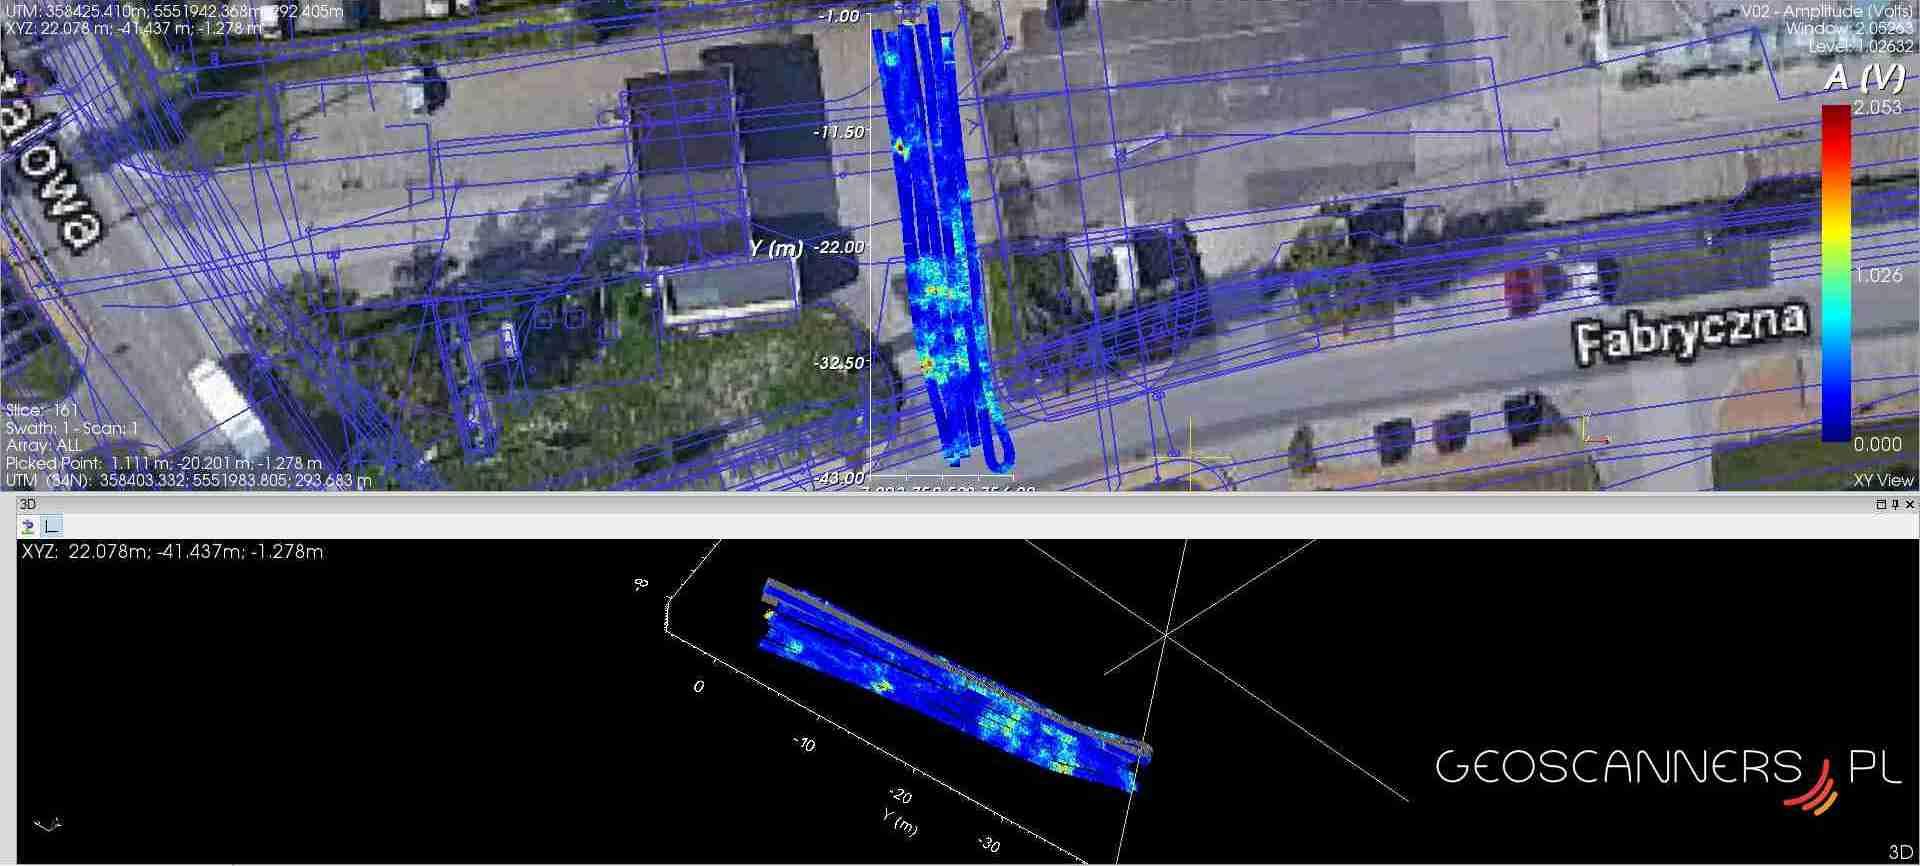 Leica RTK GPS iCON